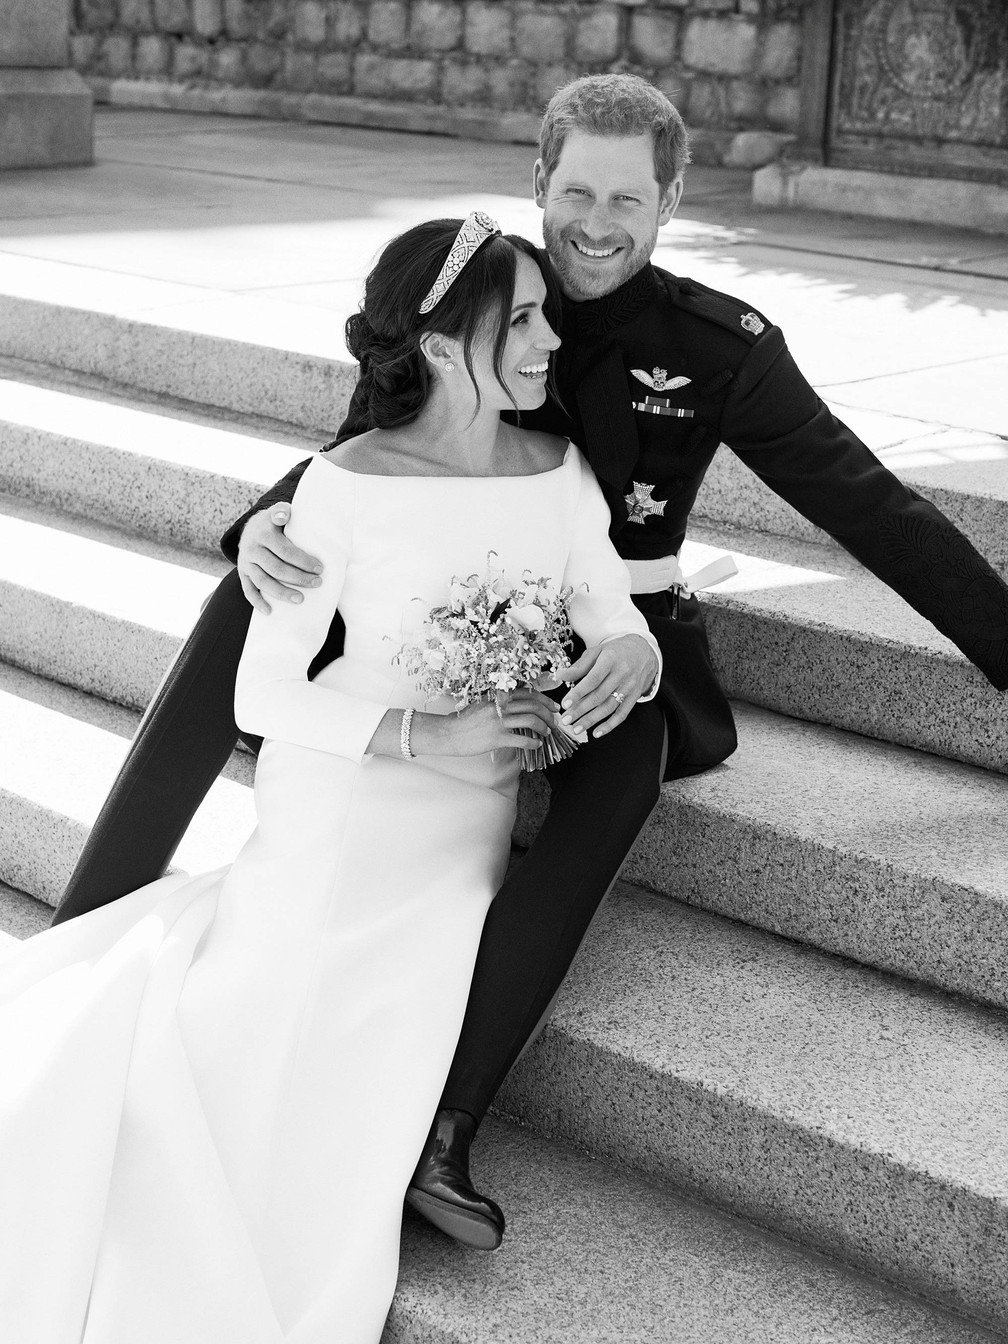 O príncipe Harry e Meghan Markle, em foto oficial do casamento real (Foto: Alexi Lubomirski/Palácio de Kensington via Reuters)